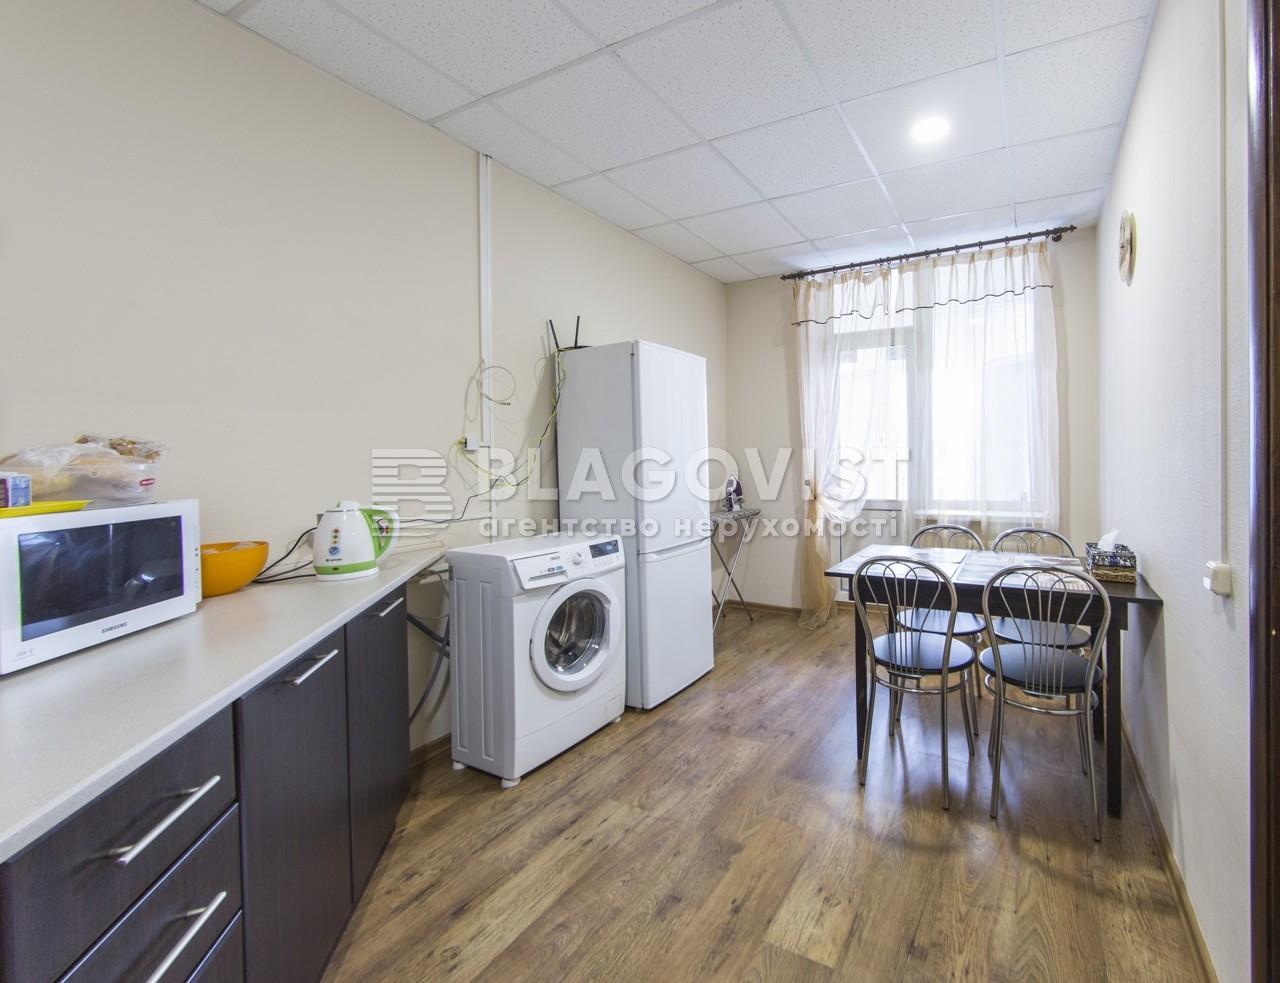 Гостиница, C-106449, Днепровская наб., Киев - Фото 13